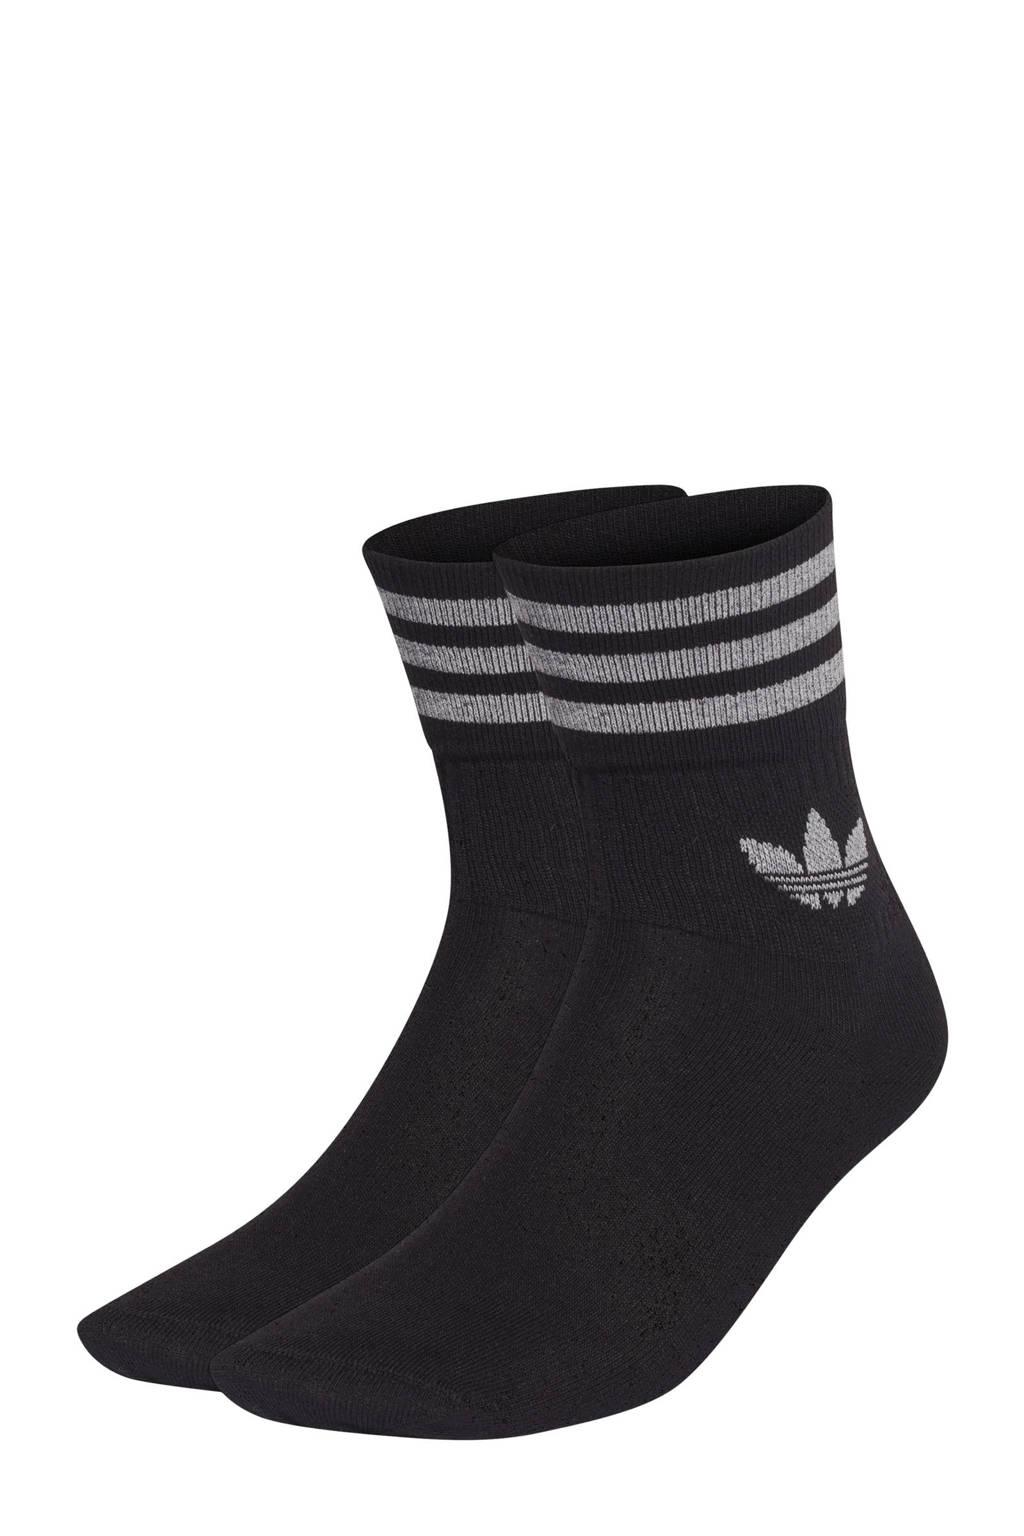 adidas Originals sokken - set van 2 zwart/zilver, Zwart/zilver